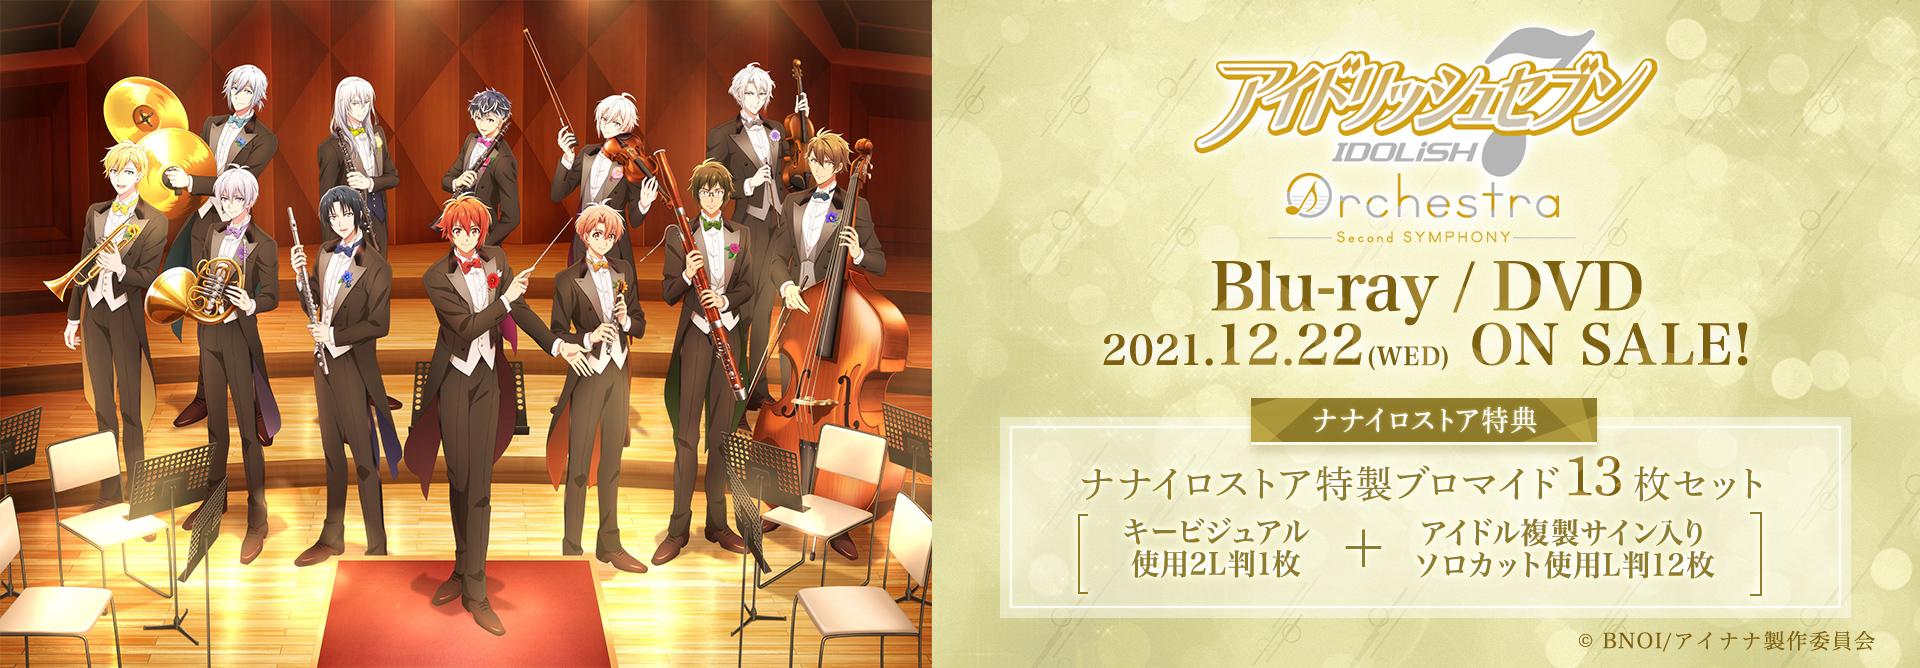 「アイドリッシュセブン オーケストラ -Second SYMPHONY-」Blu-ray / DVD